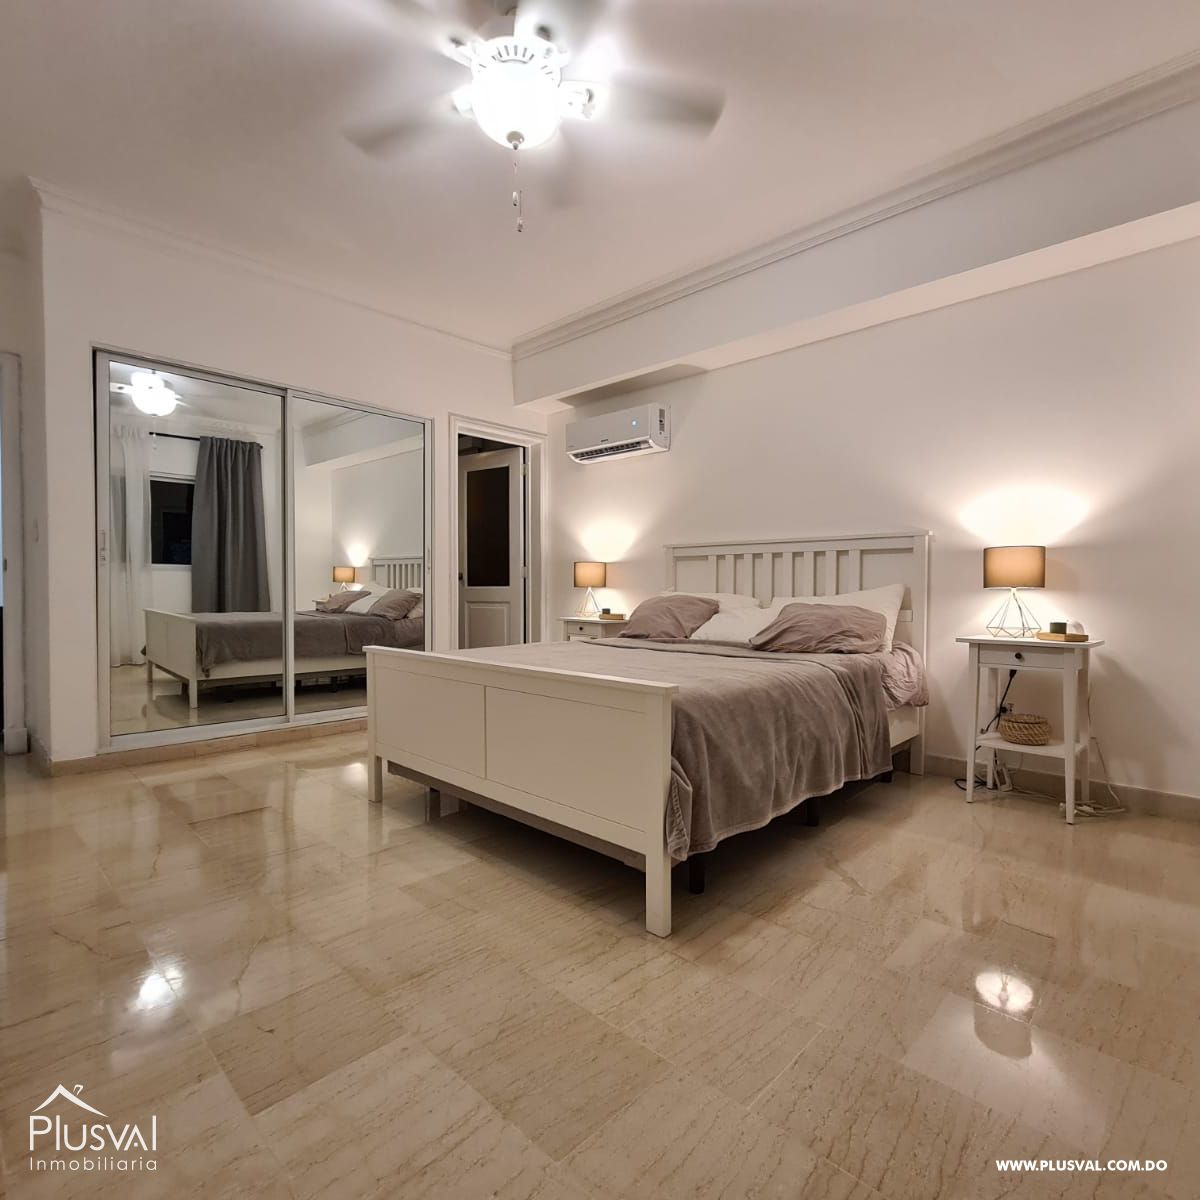 Apartamento amueblado en alquiler, Naco 188904